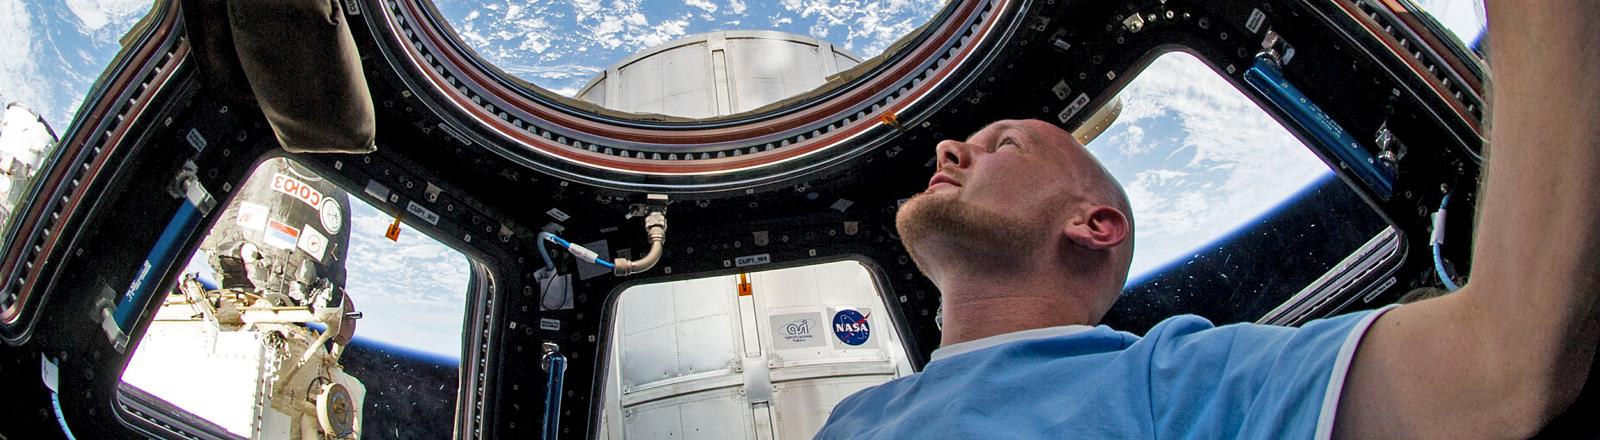 Ein Mann in einer Raumstation